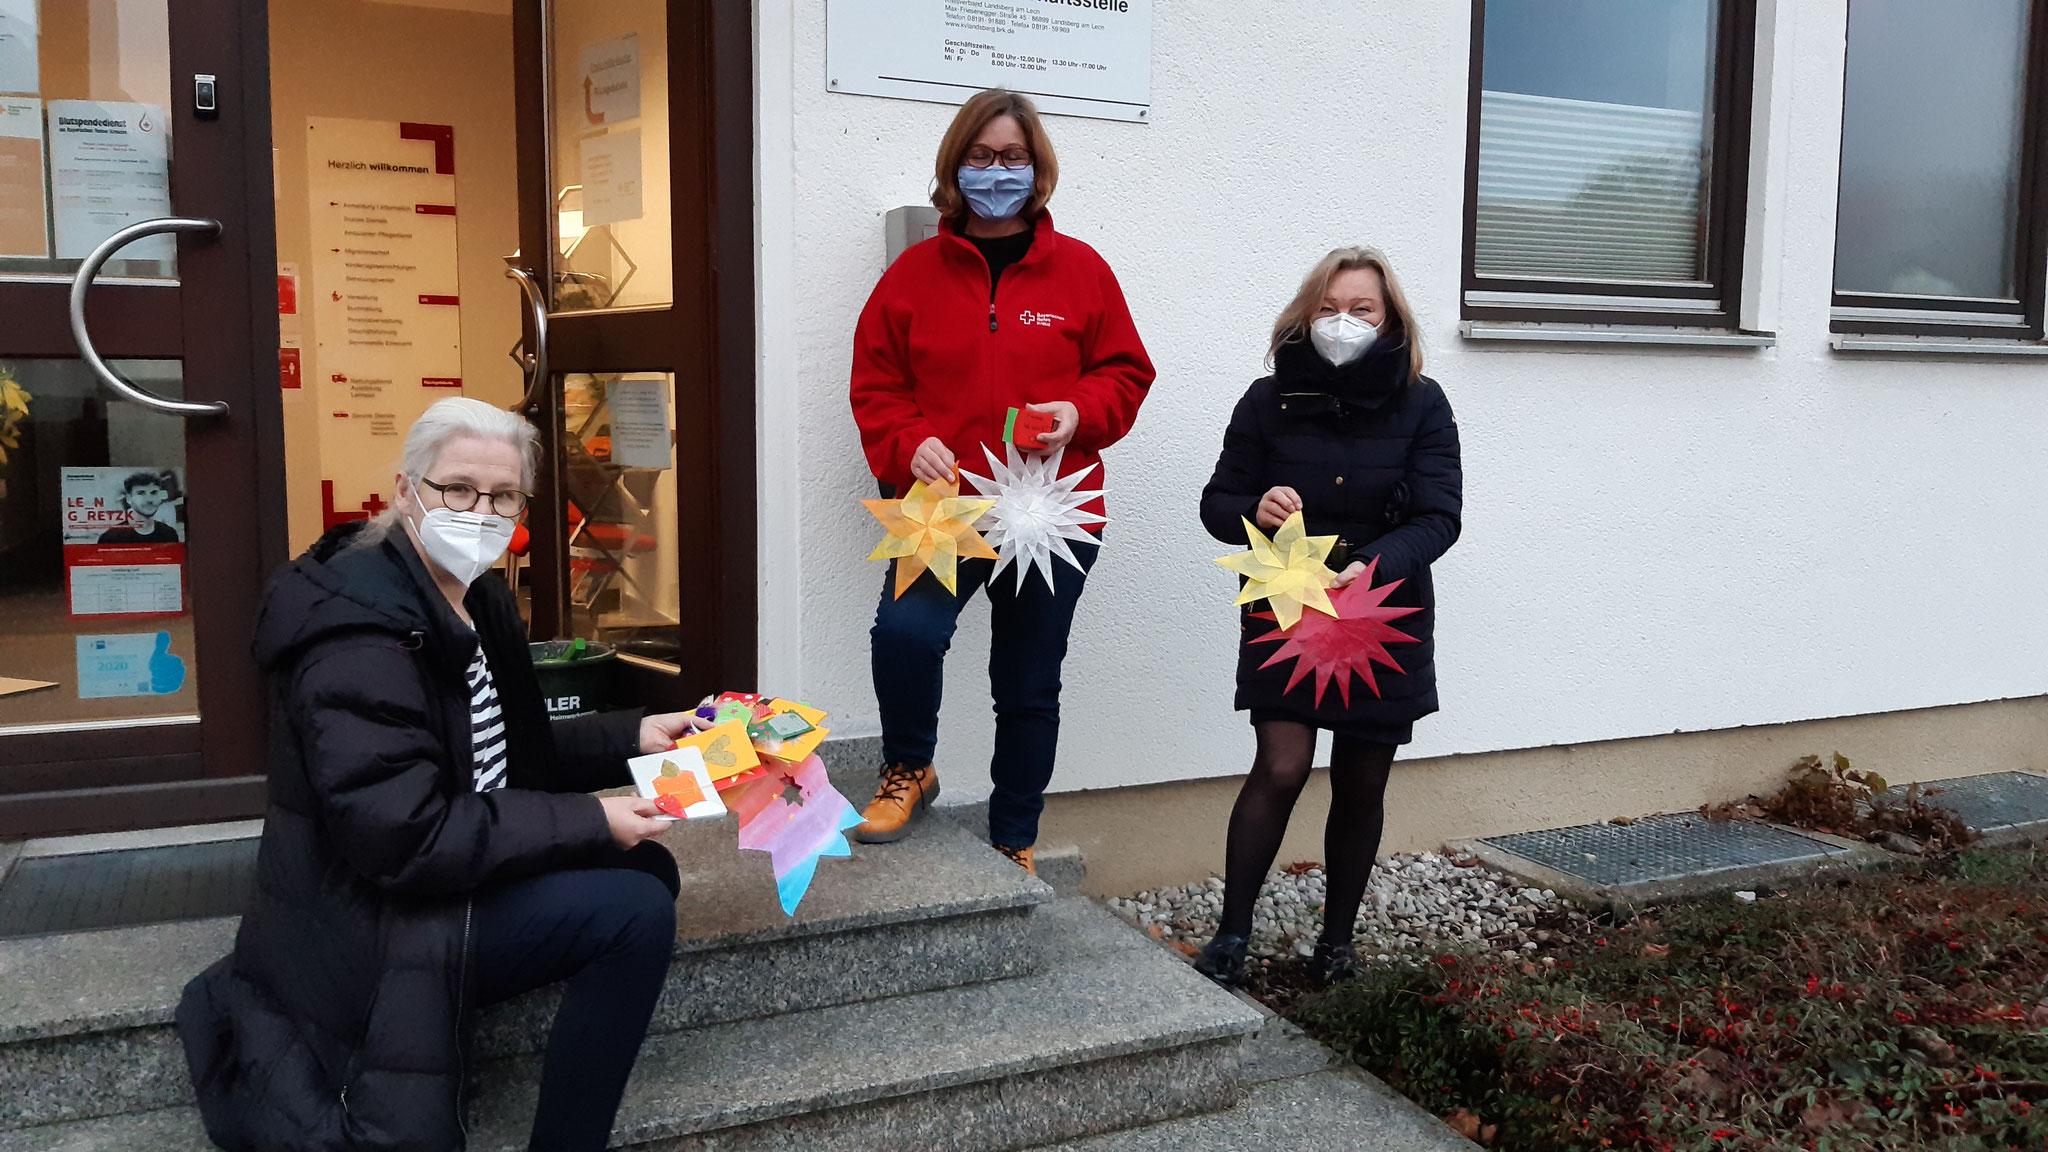 BRK Übergabe der Bastelarbeiten und Briefe. Von links: Alexa Dorow (Stadträtin, Referentin für Senioren),  Marianne Asam (stellvertretende Geschäftsführerin), Ute Nowak (Seniorenbeirat).